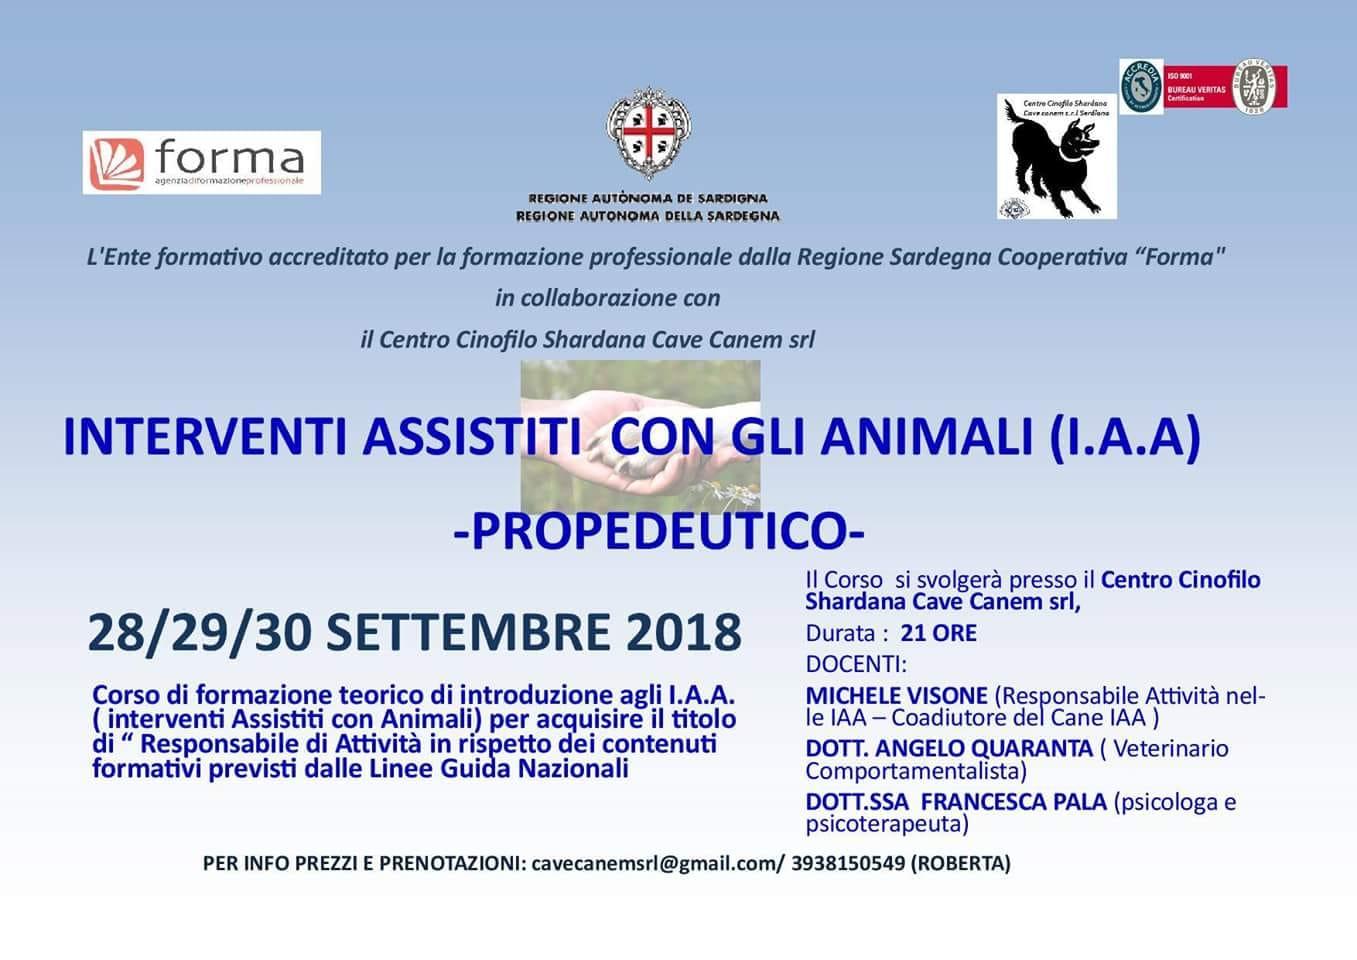 INTERVENTI ASSISTITI CON GLI ANIMALI (I.A.A.) PROPEDEUTICO